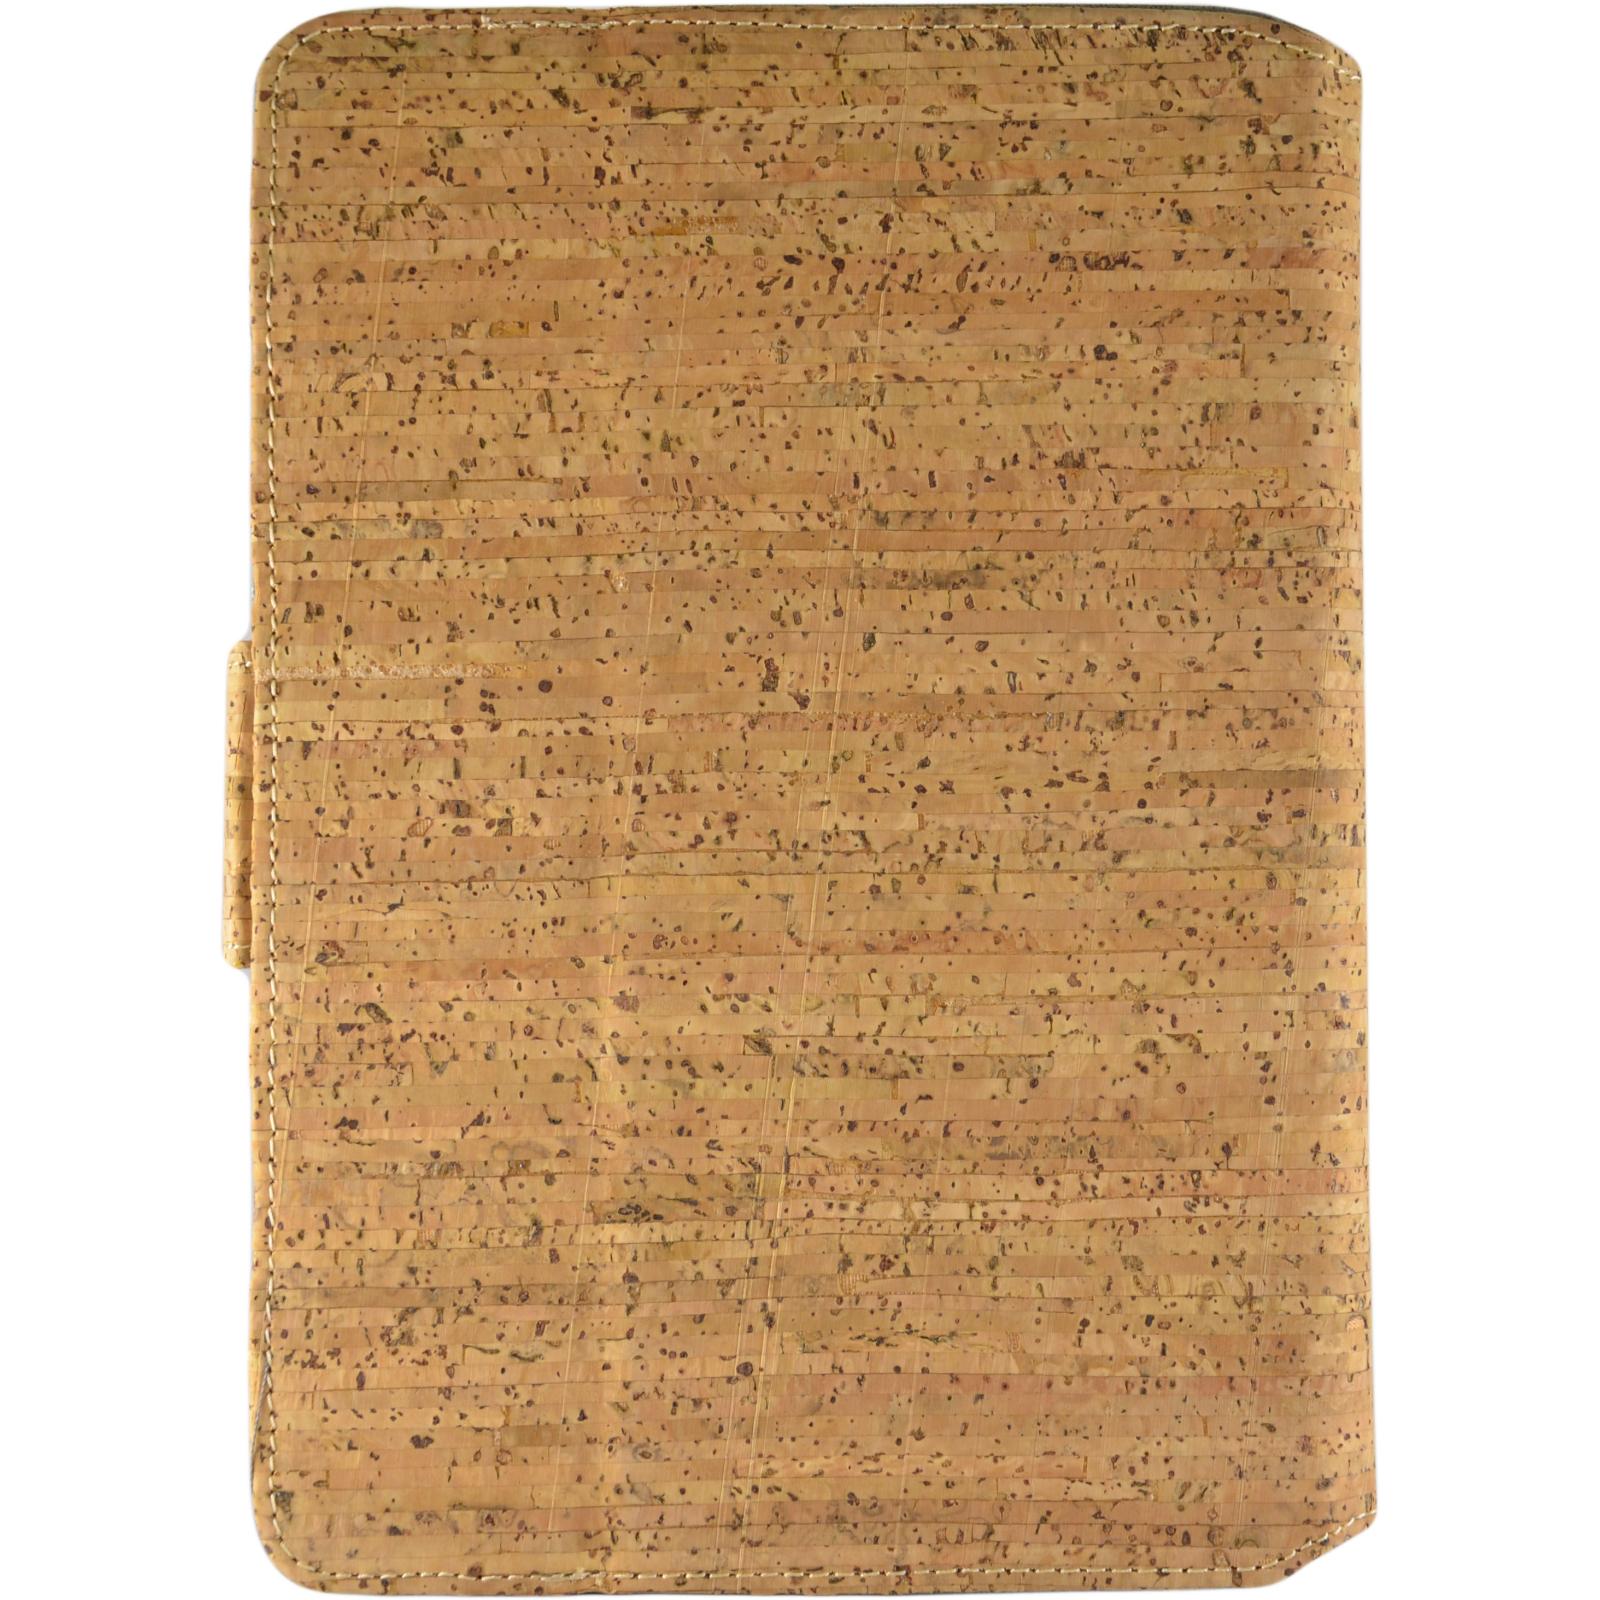 """Чехол для планшета Pro-case Чохол планшету унiверсальний Pro-case Cork case 7-8"""" beige (UNS-045) изображение 2"""